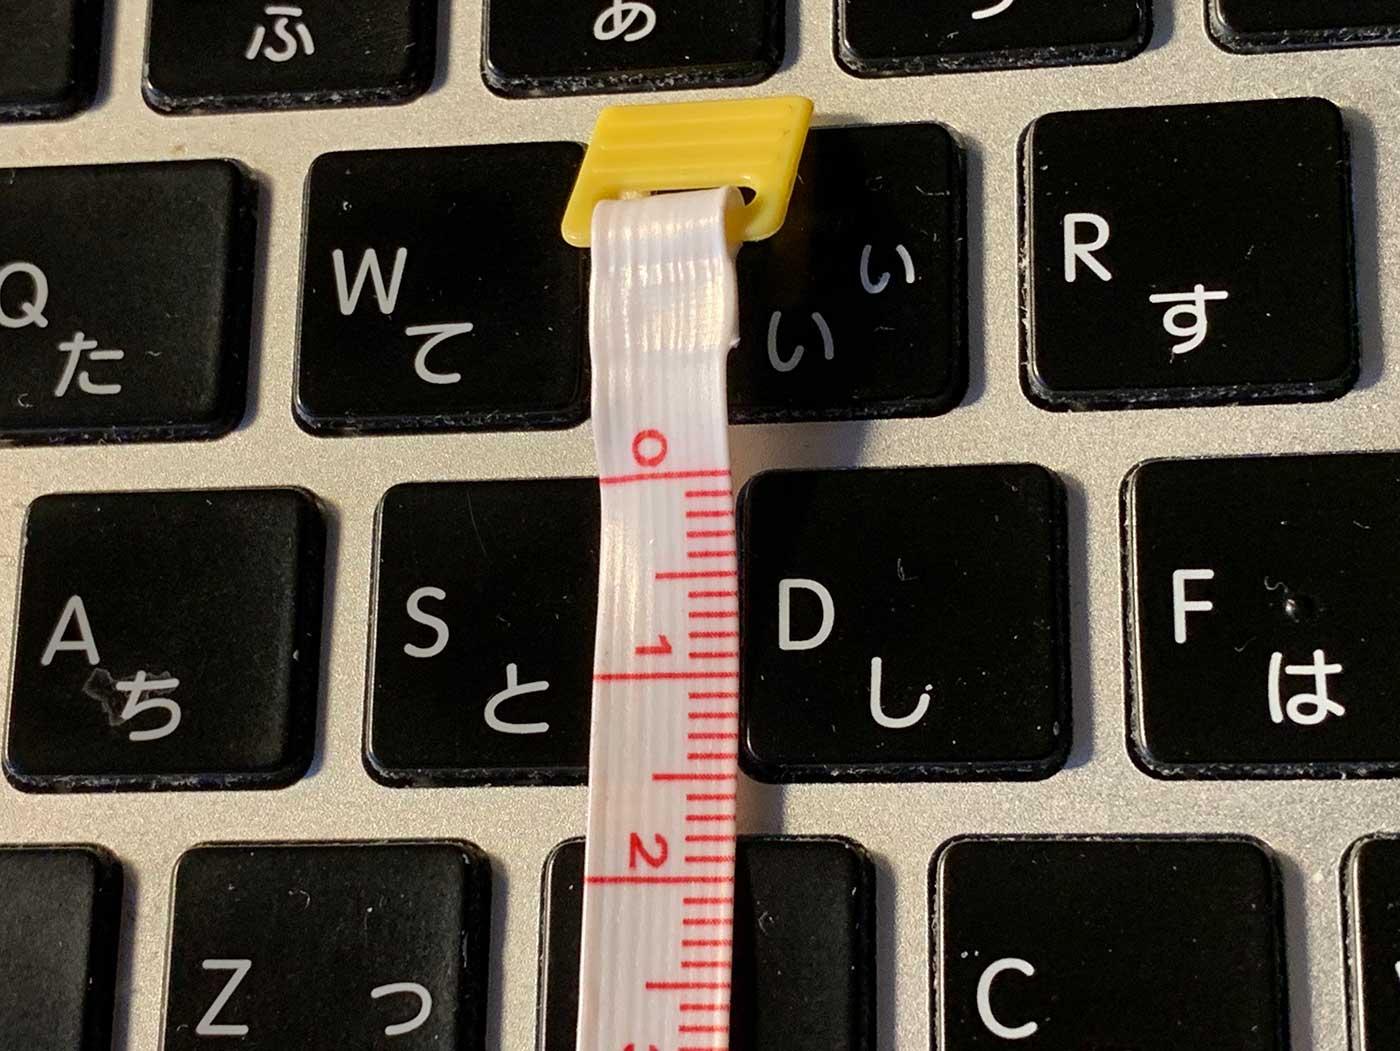 MacBookPro2015のキーボードアップ